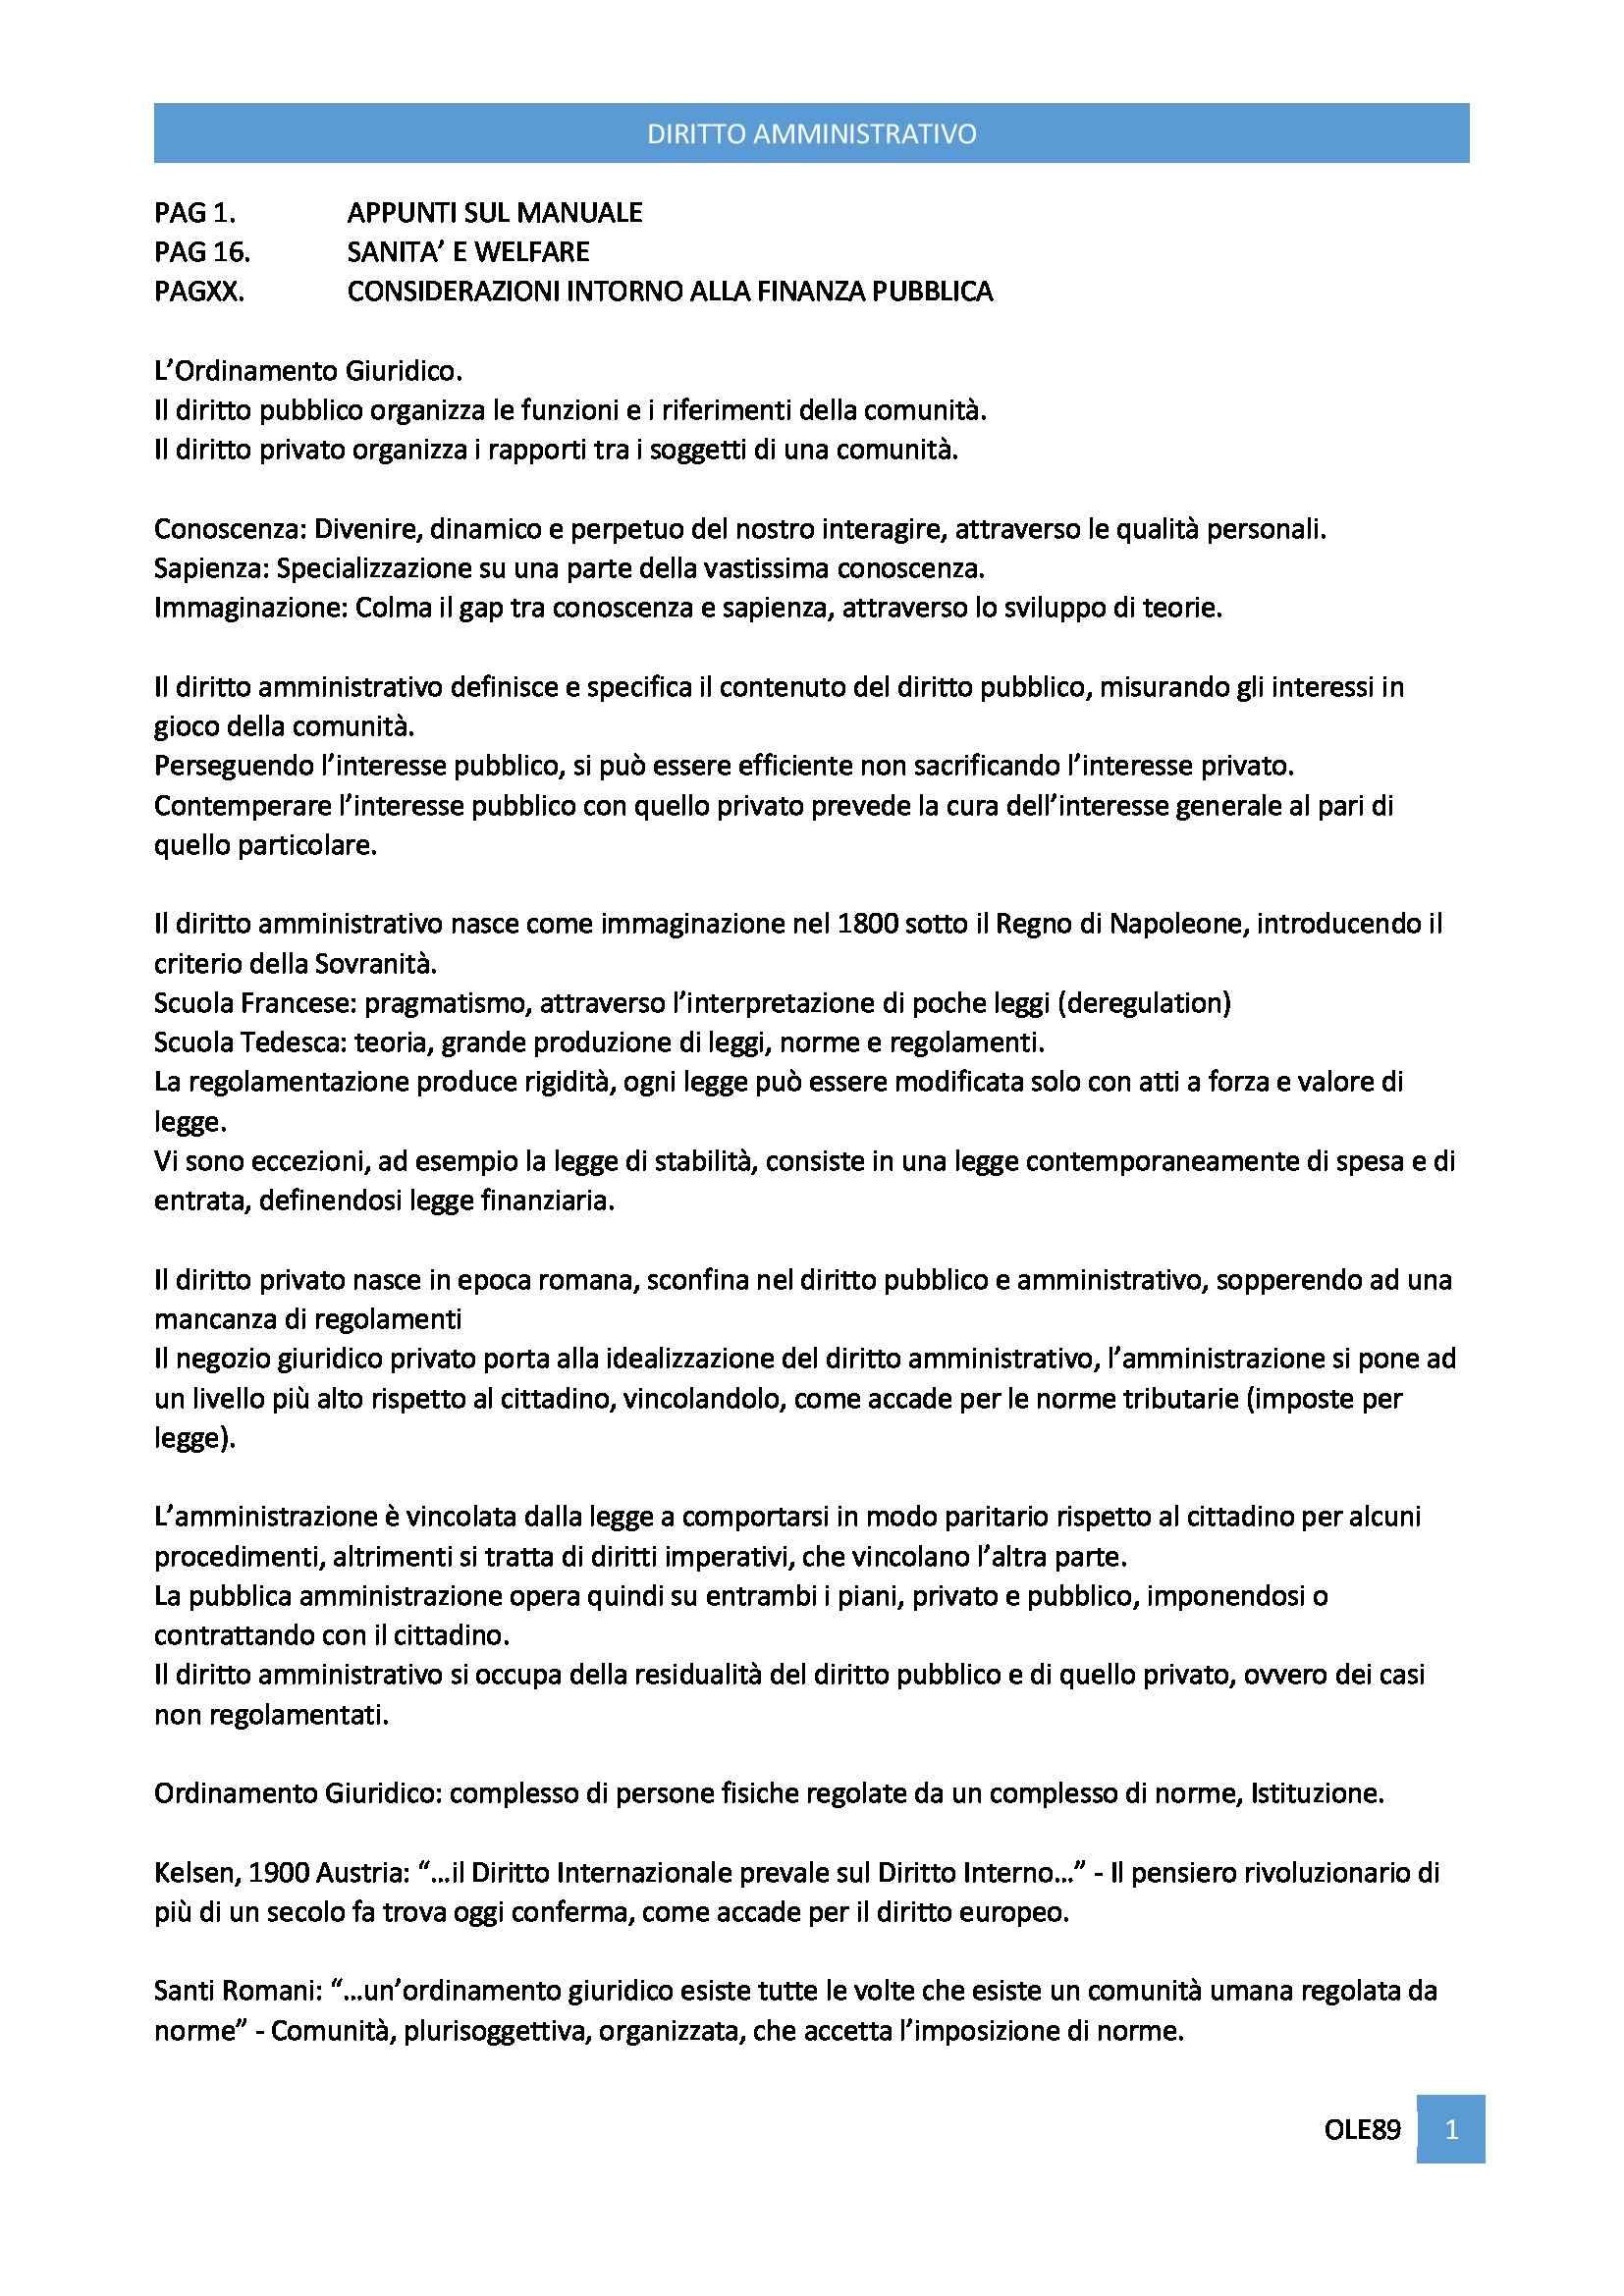 Diritto Amministrativo -Appunti